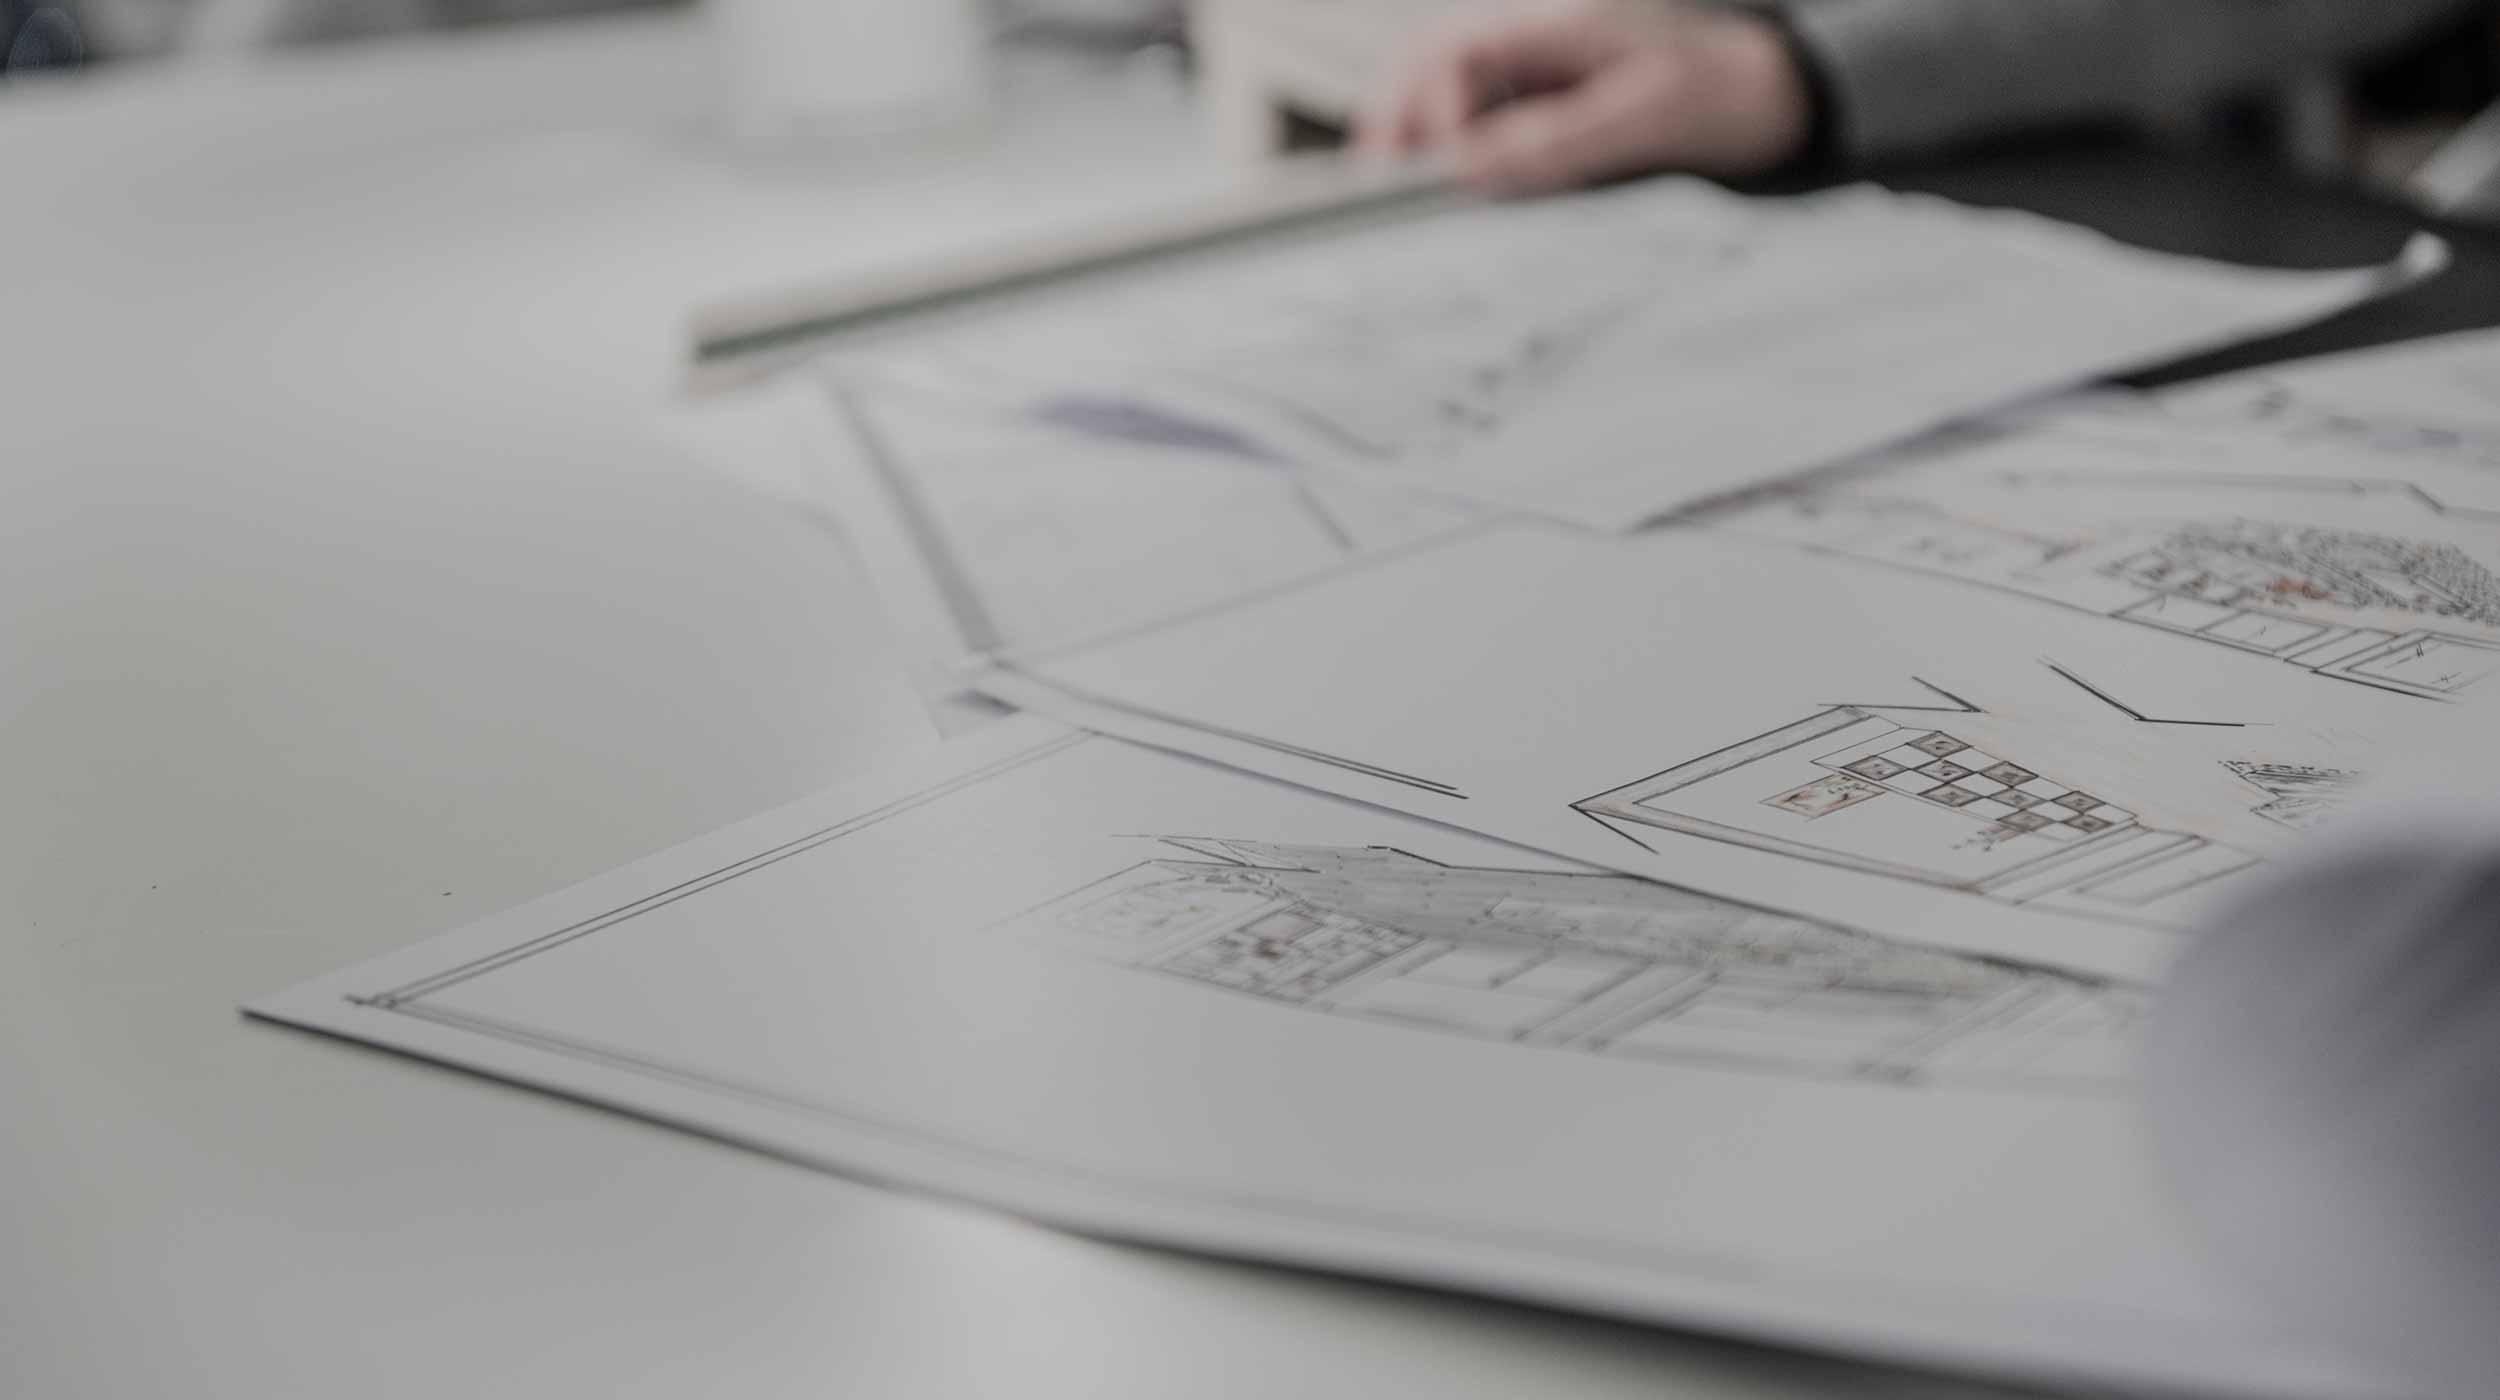 Ados-mobiliario-proyectos-personalizados-tienda-slide5a